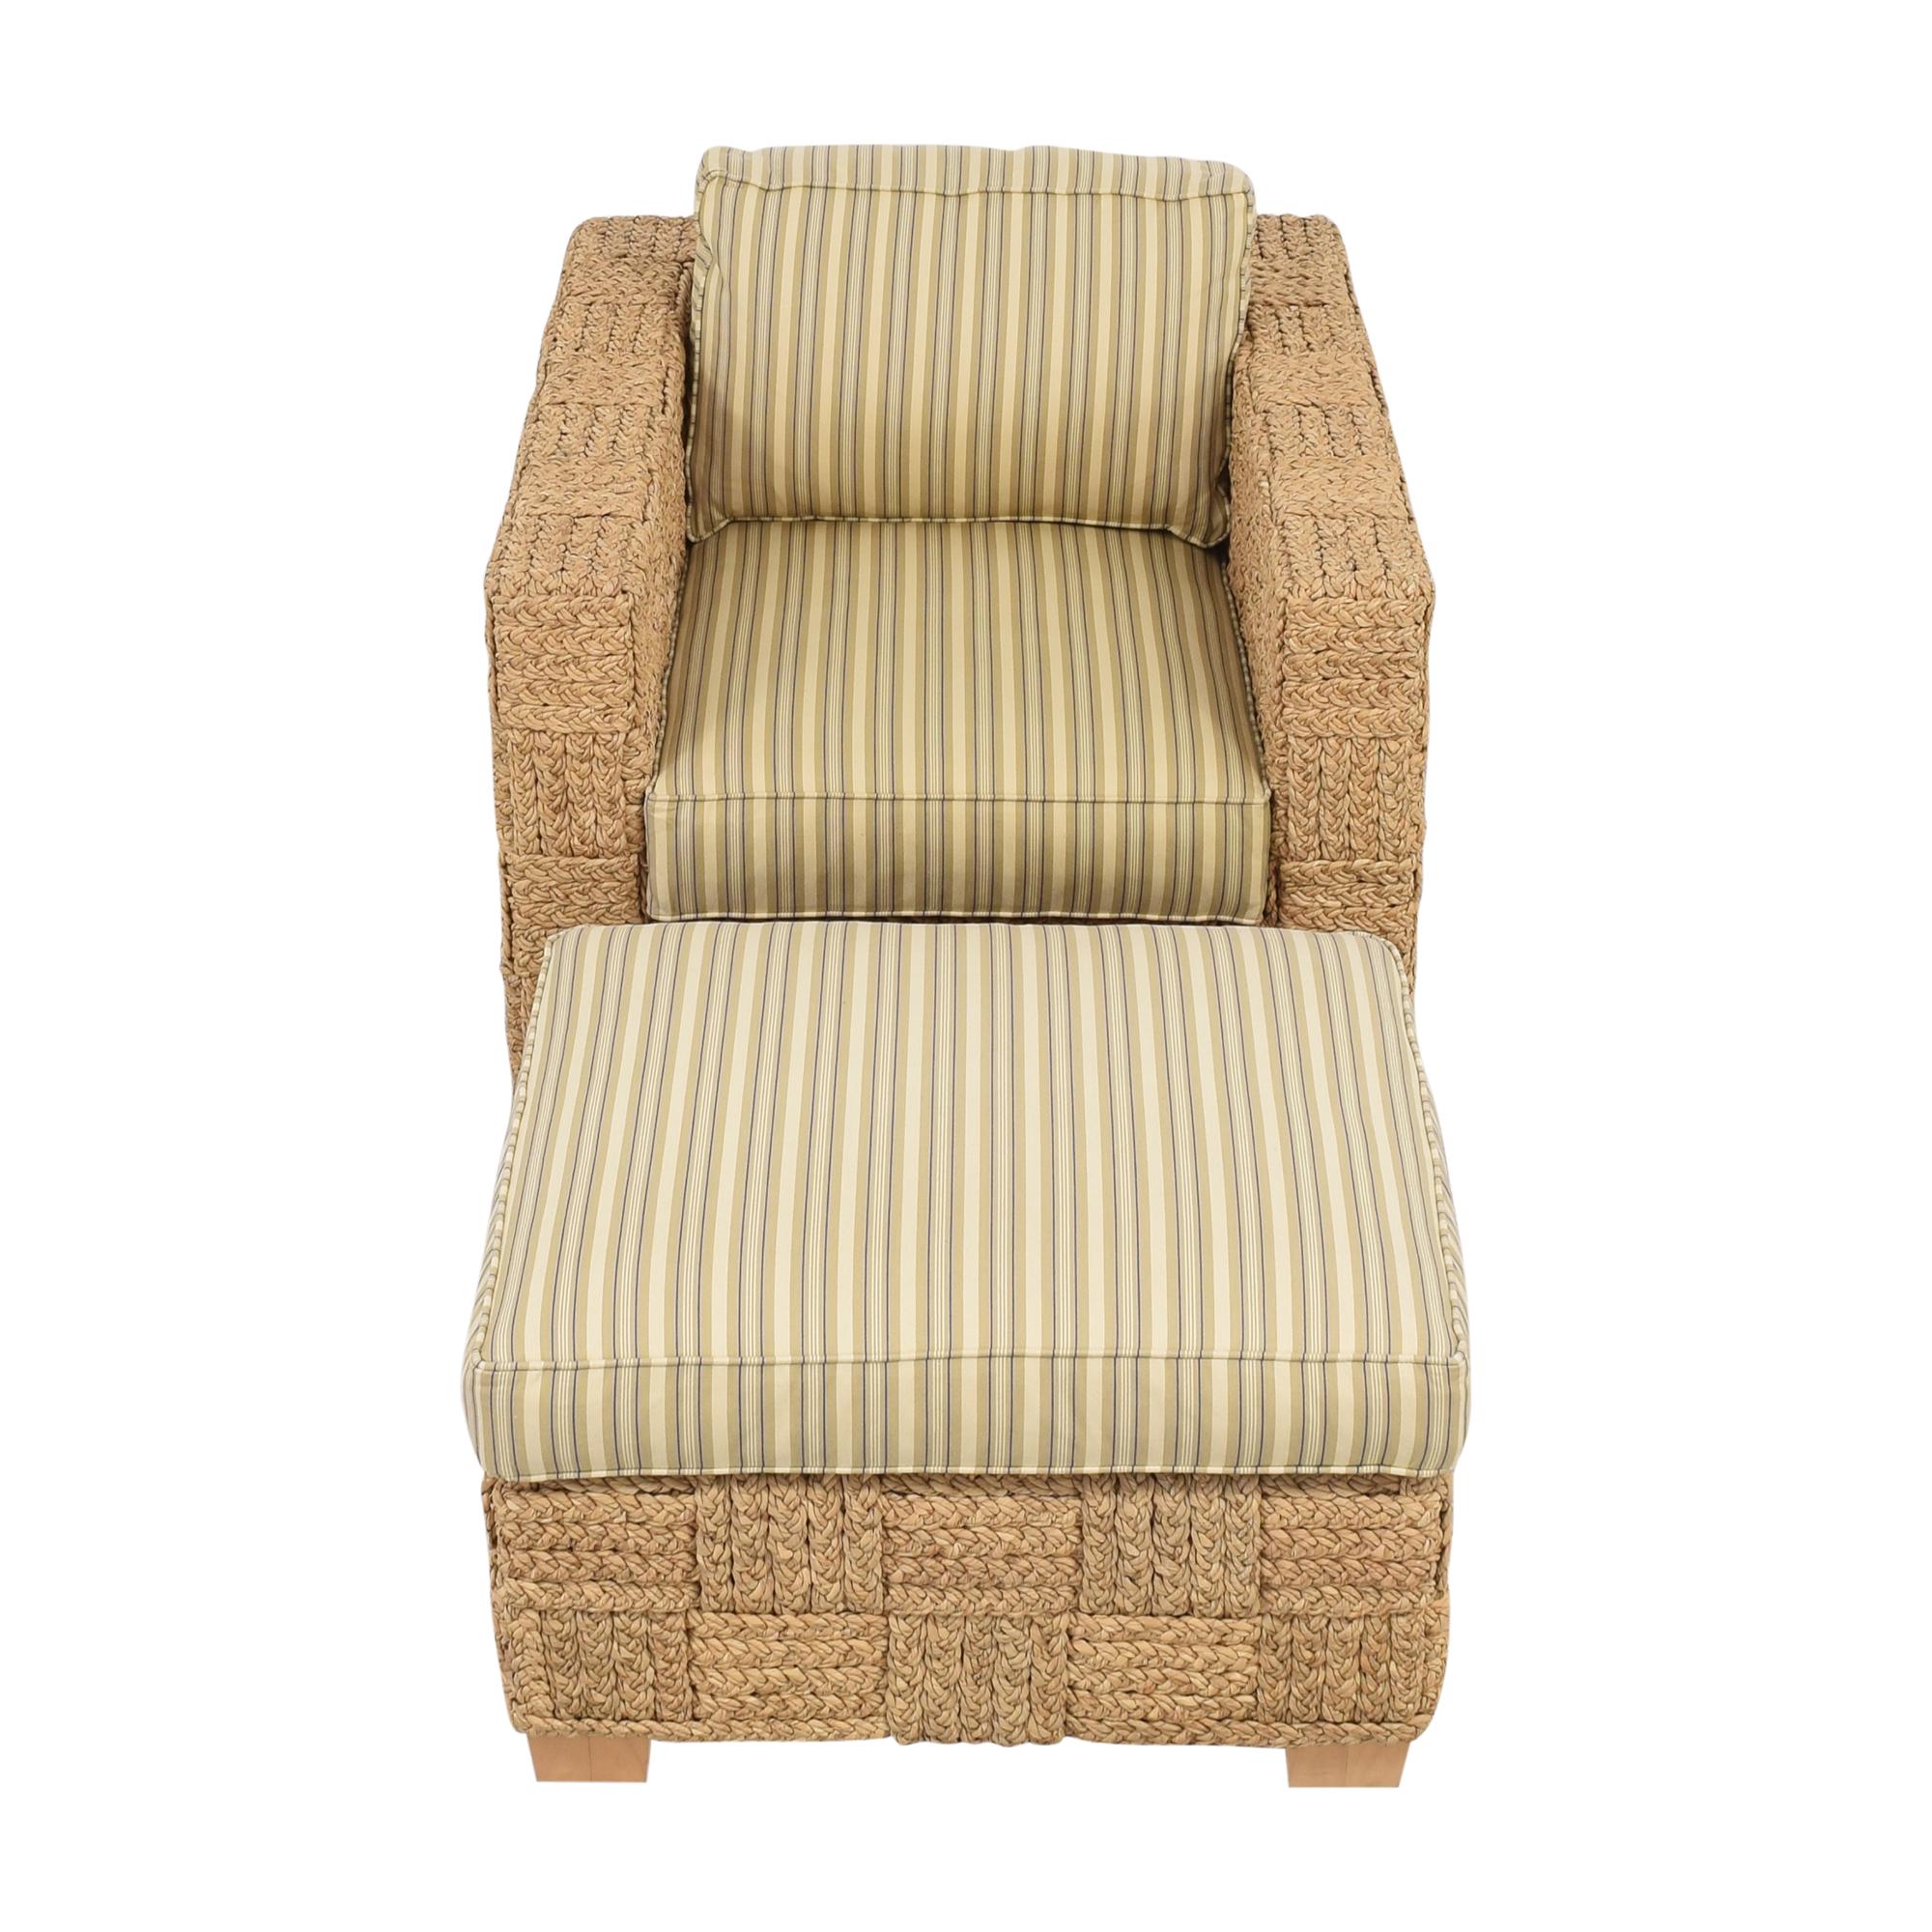 Ralph Lauren Home Ralph Lauren Home Accent Chair with Ottoman discount